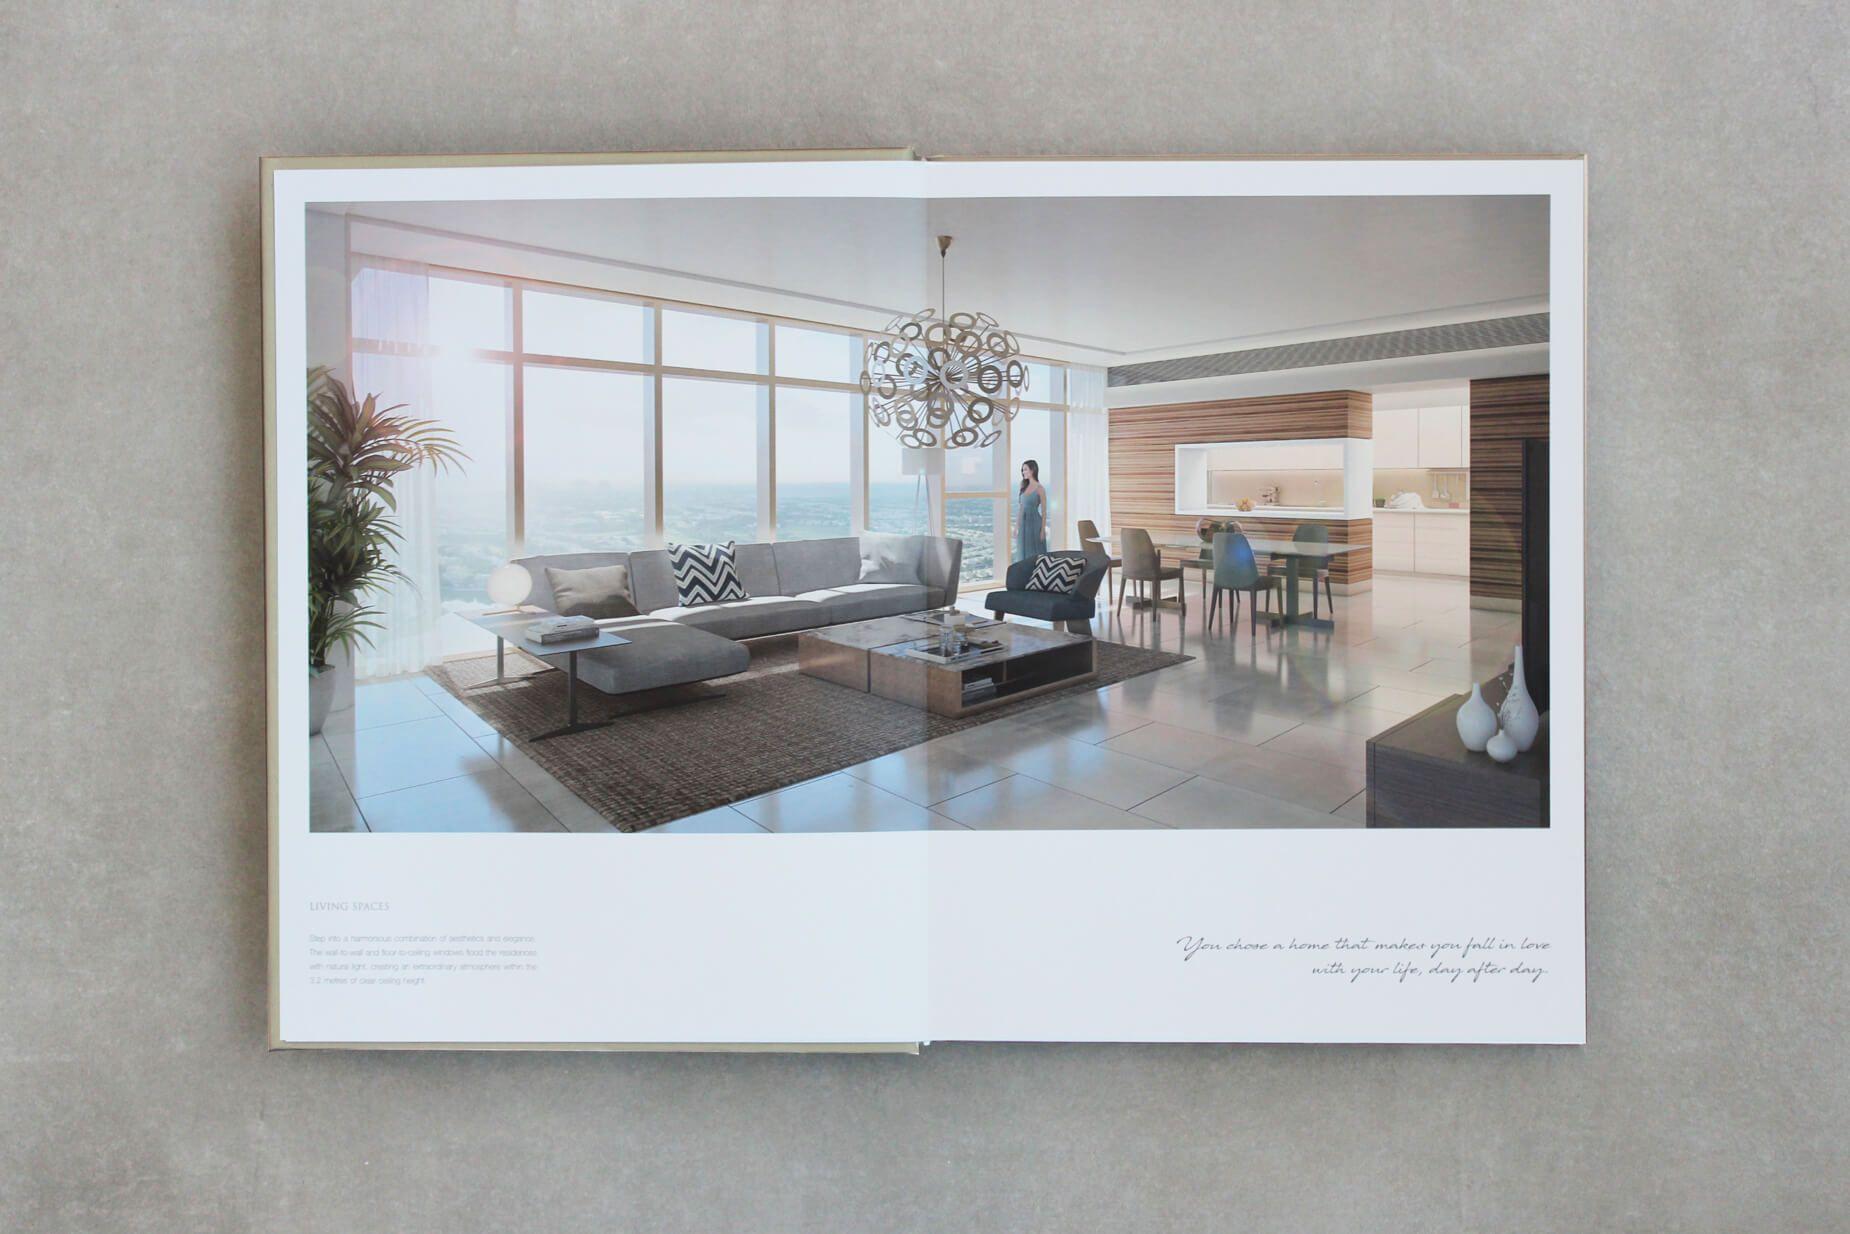 banyan-book-cover-8.jpg